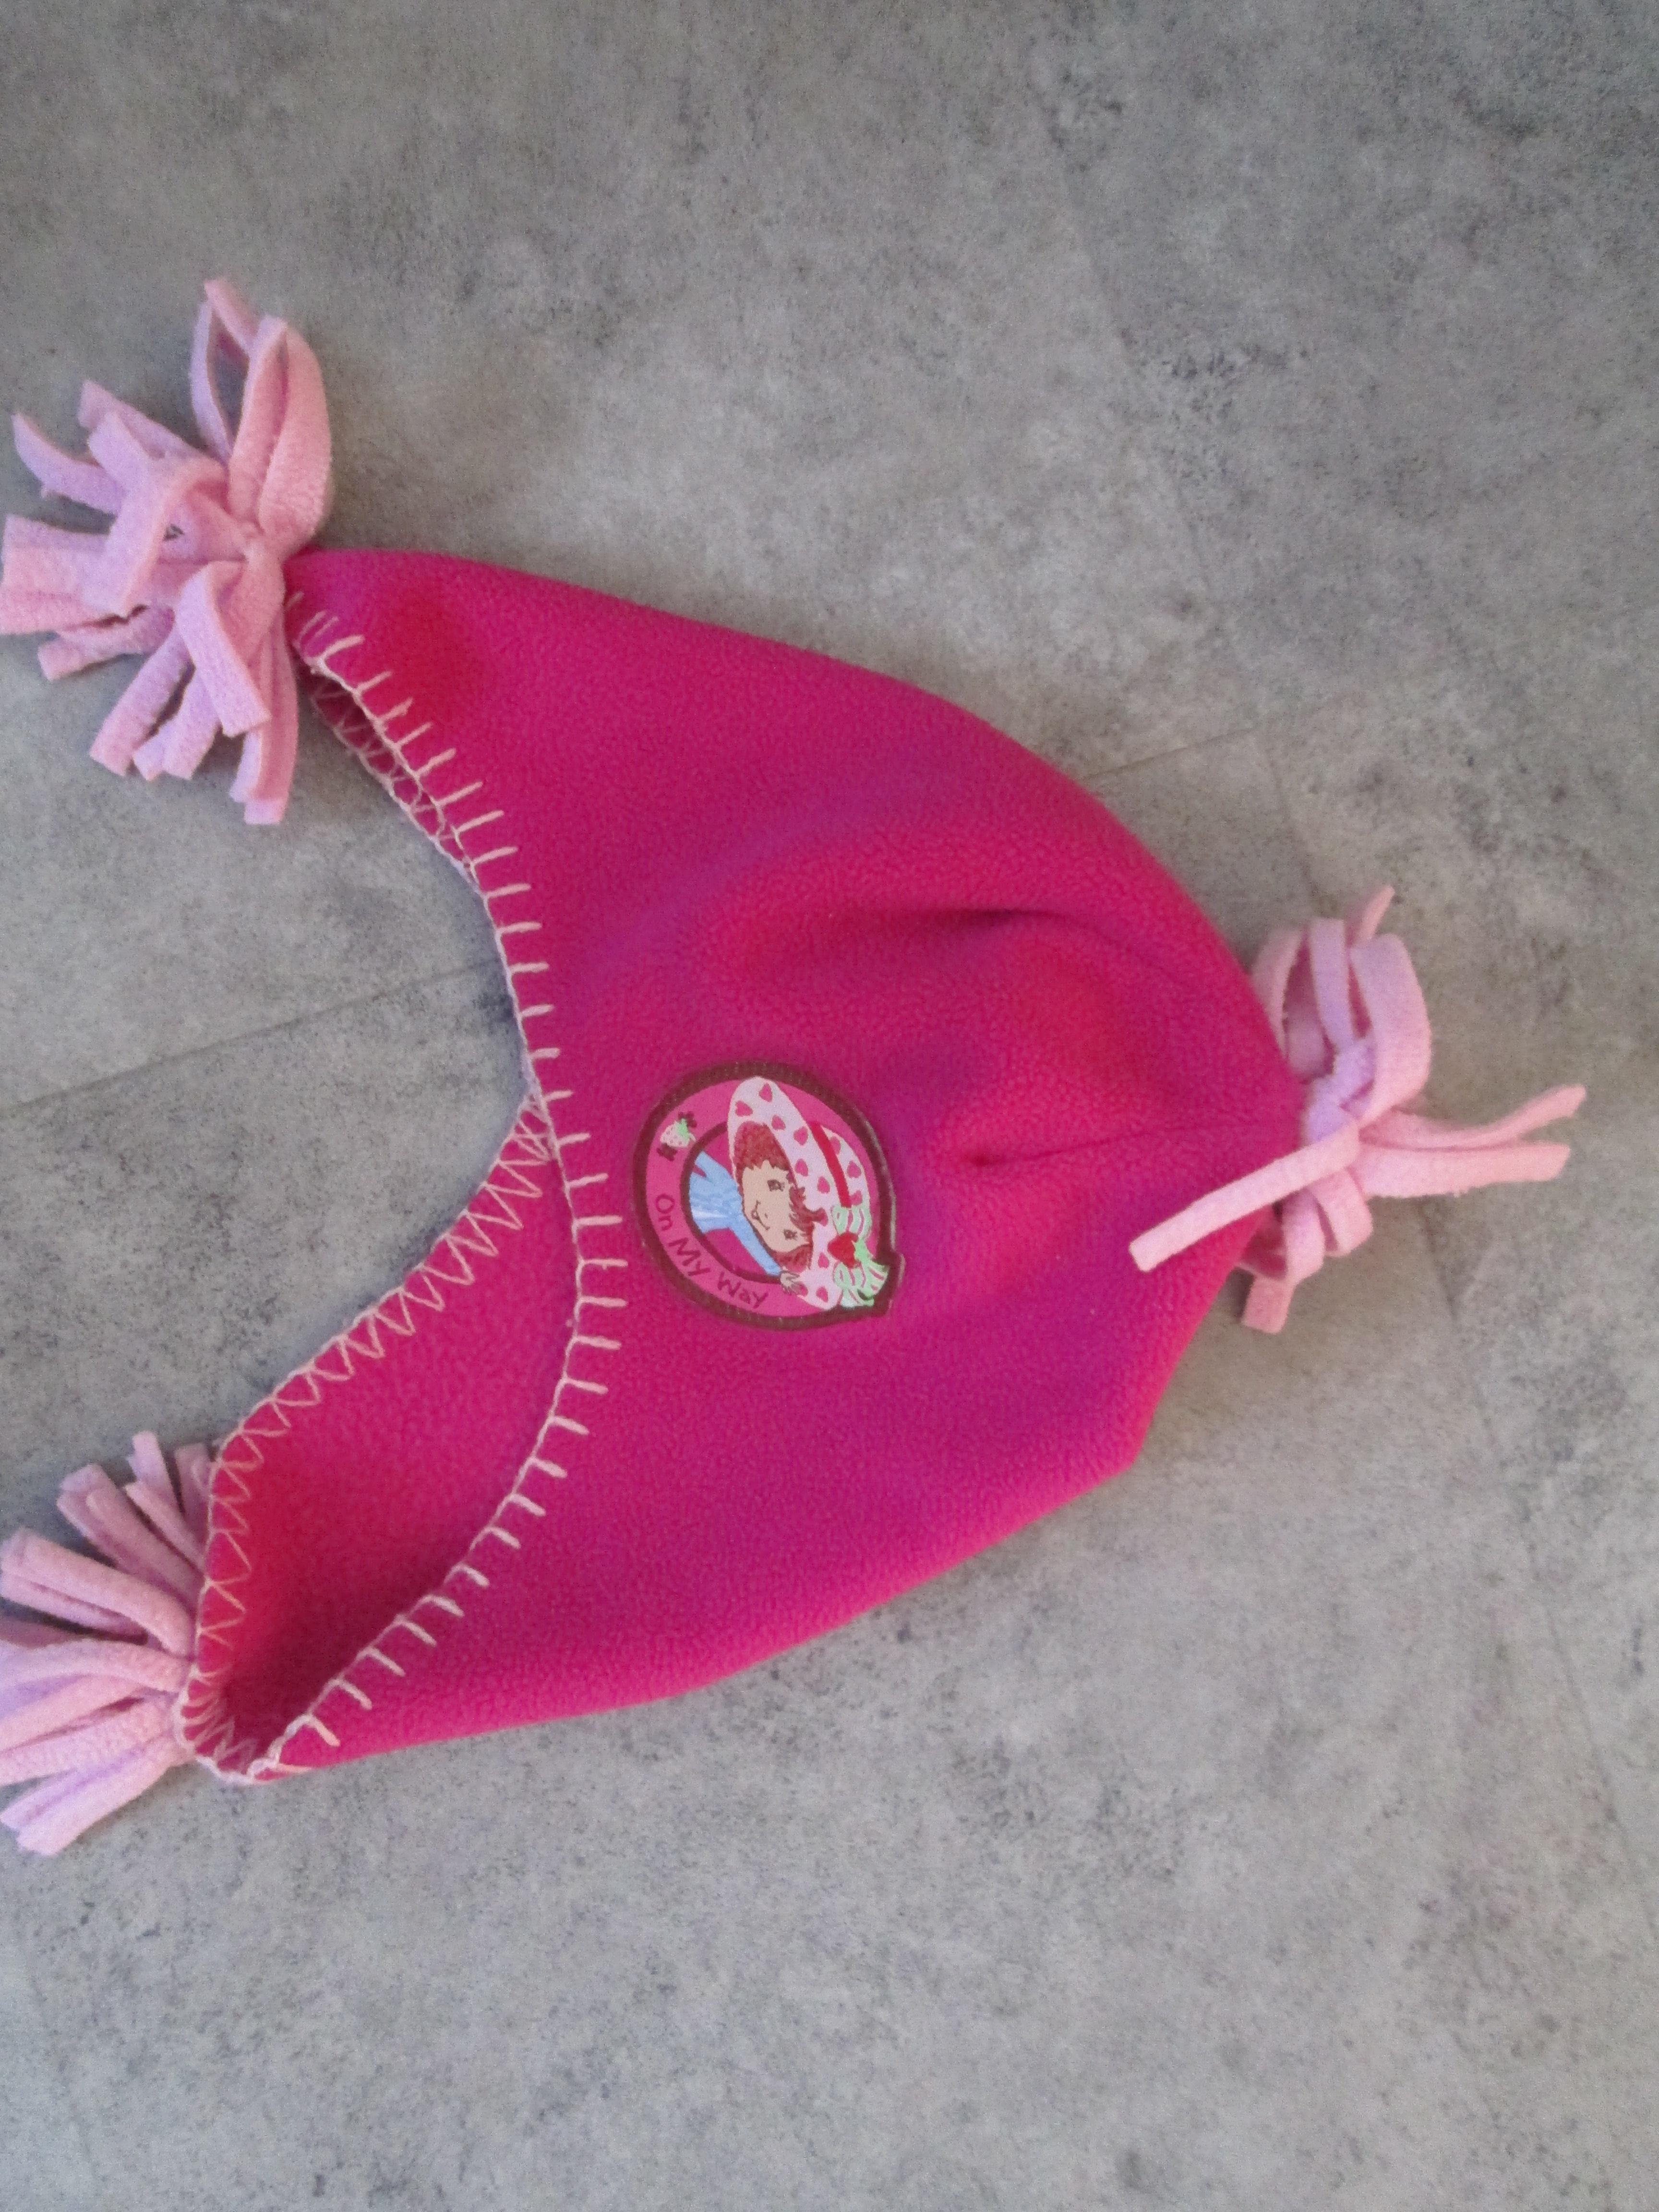 troc de troc bonnet charlotte aux fraises    5 euros port compris 4/5 ans image 0